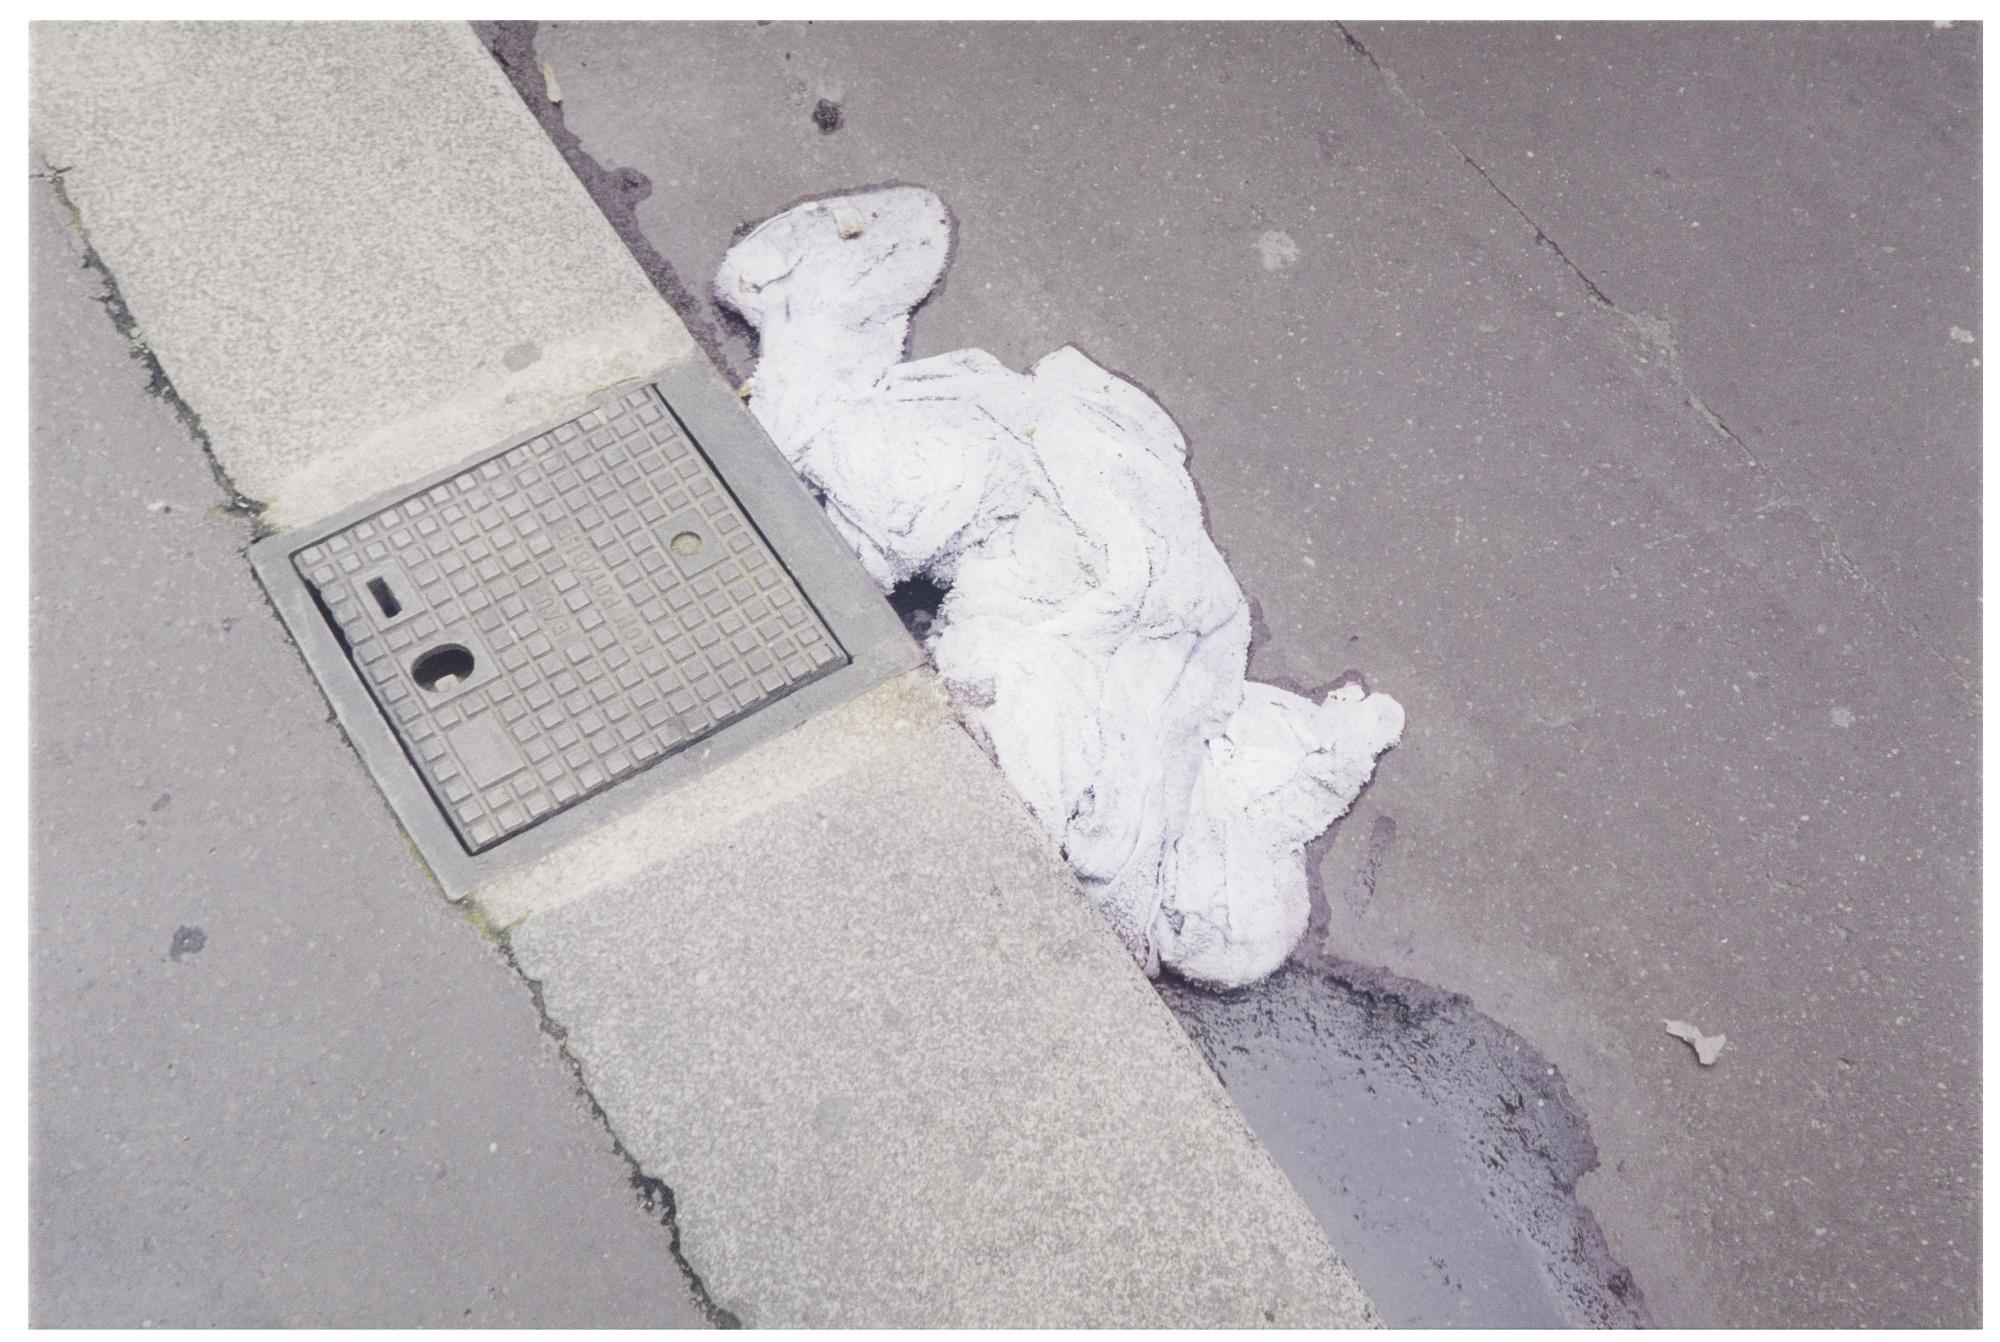 Steve McQueen-Barrage No. 48-1998